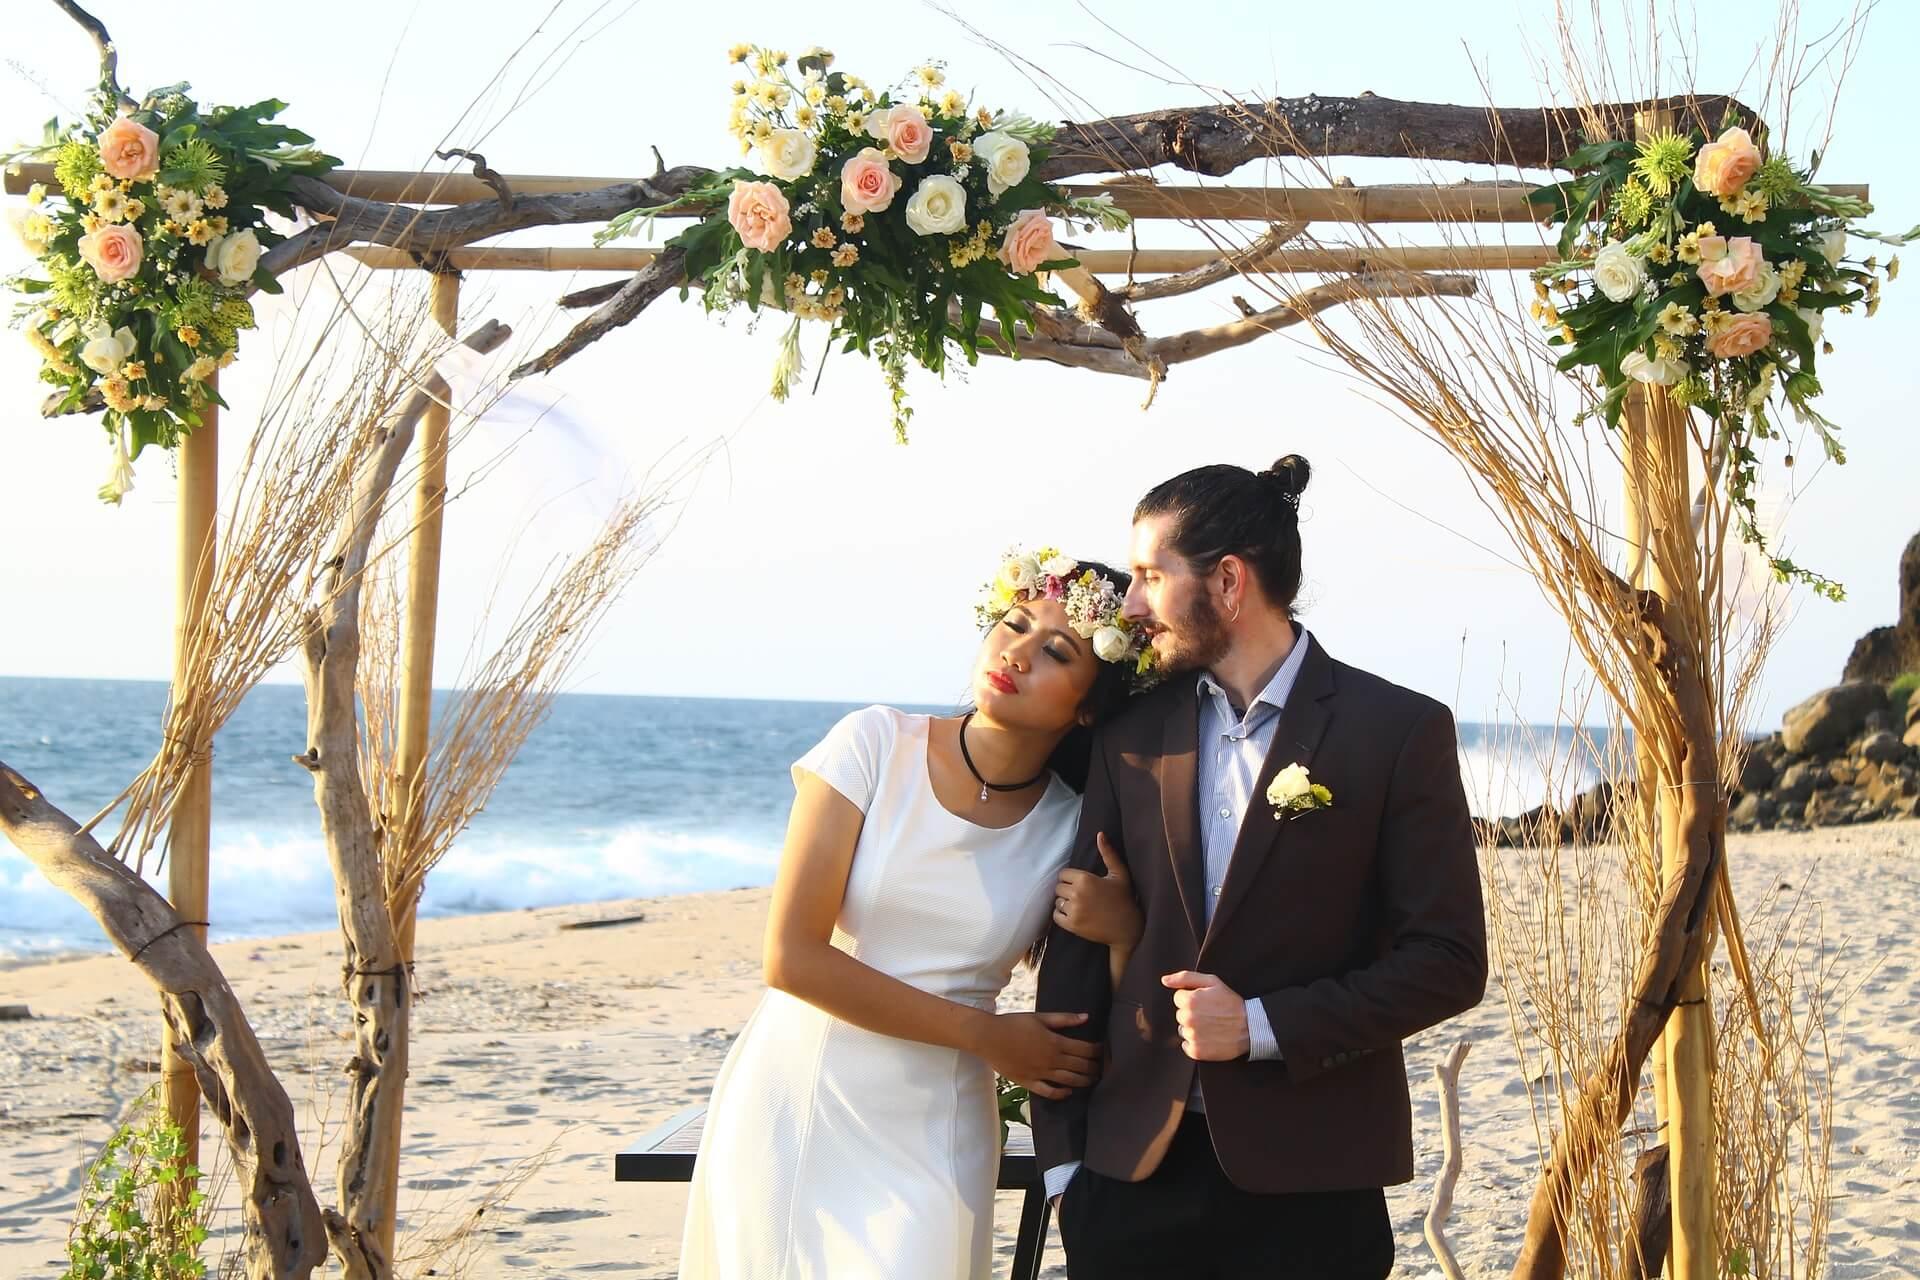 Comment gérer le stress du mariage ?